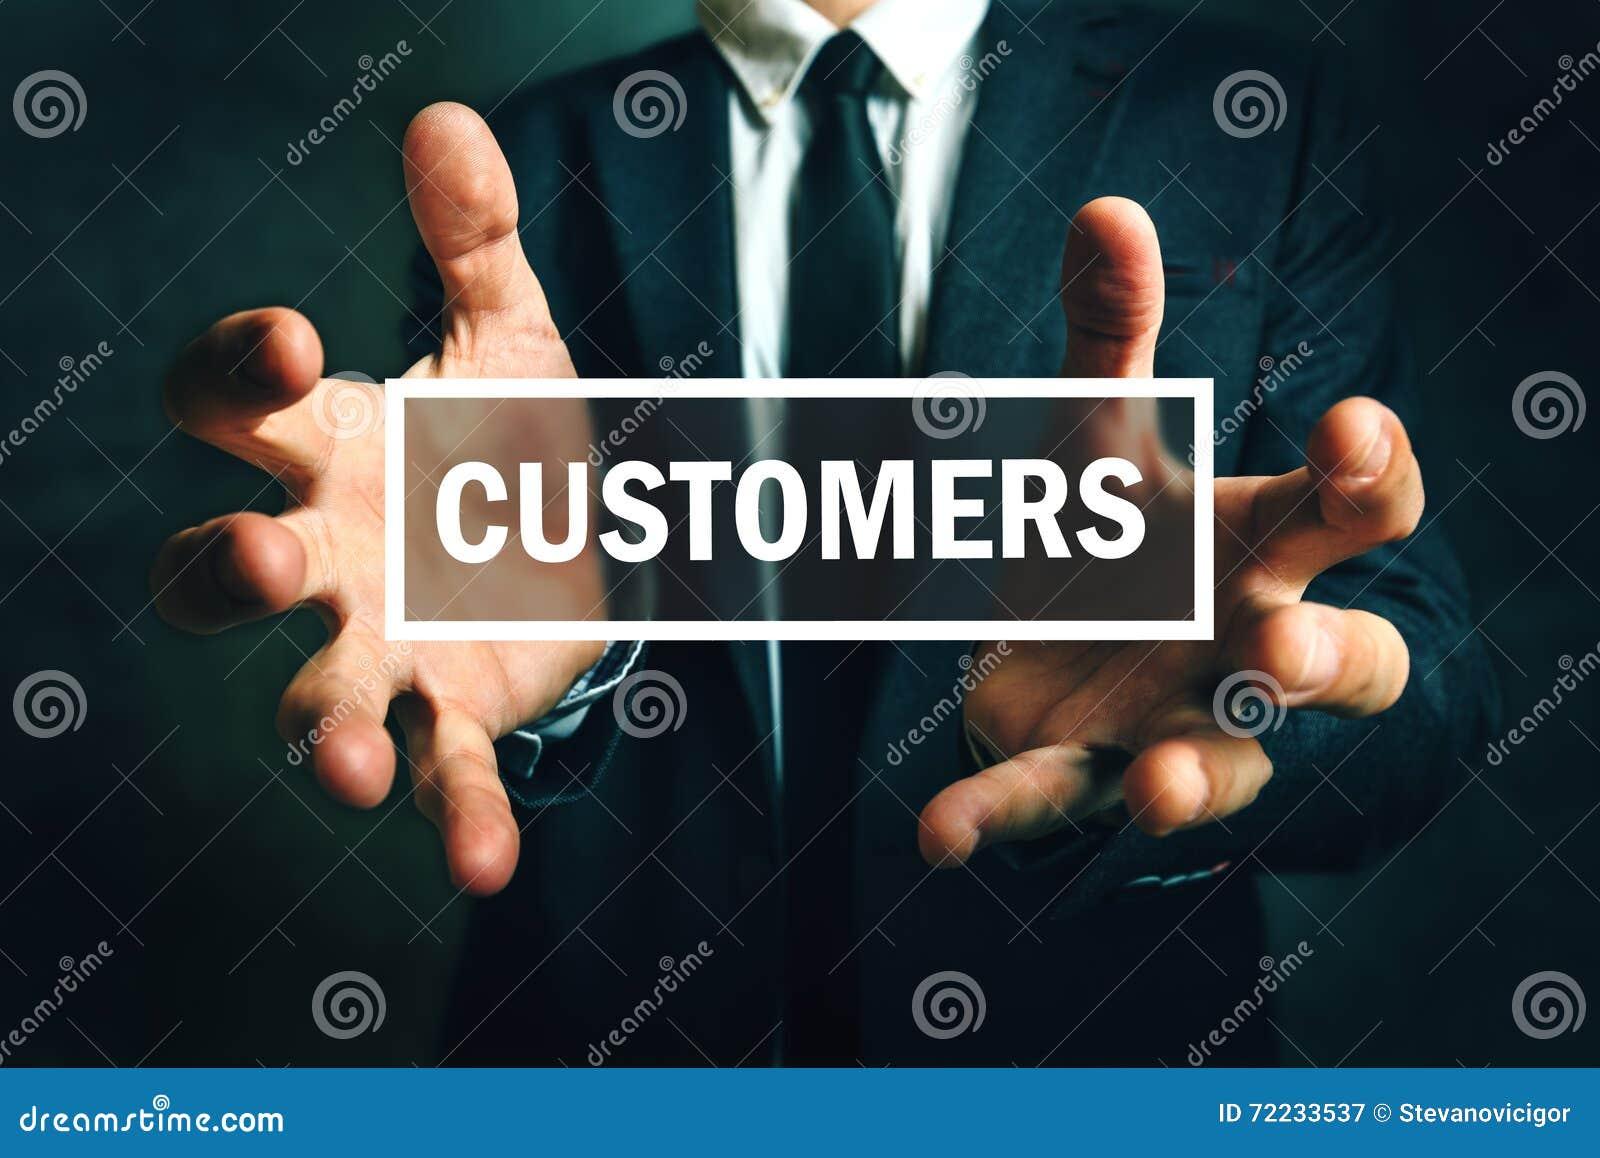 Strategia biznesowa utrzymywać klientów